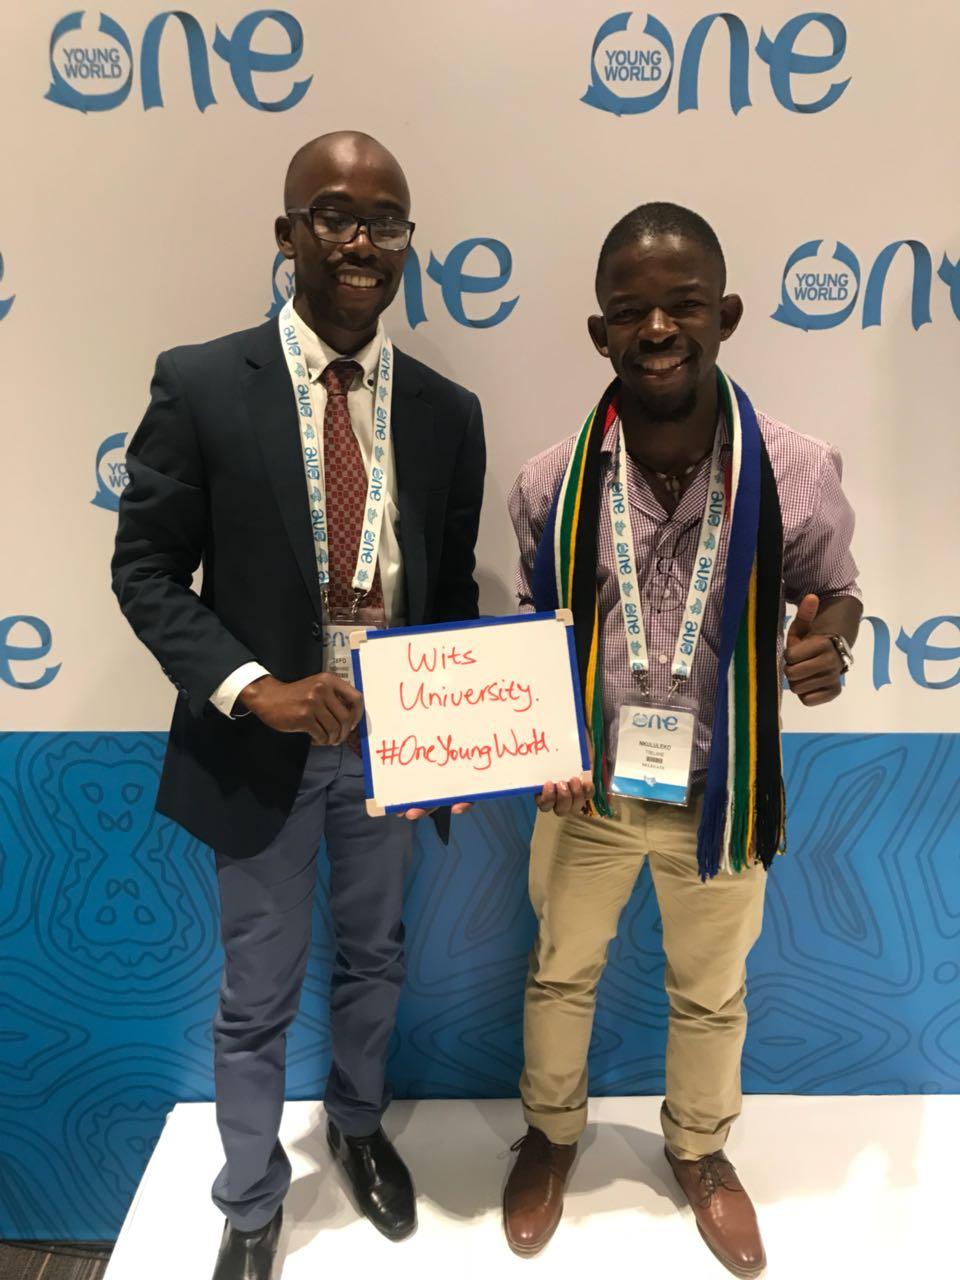 Witsie's shine at global summit